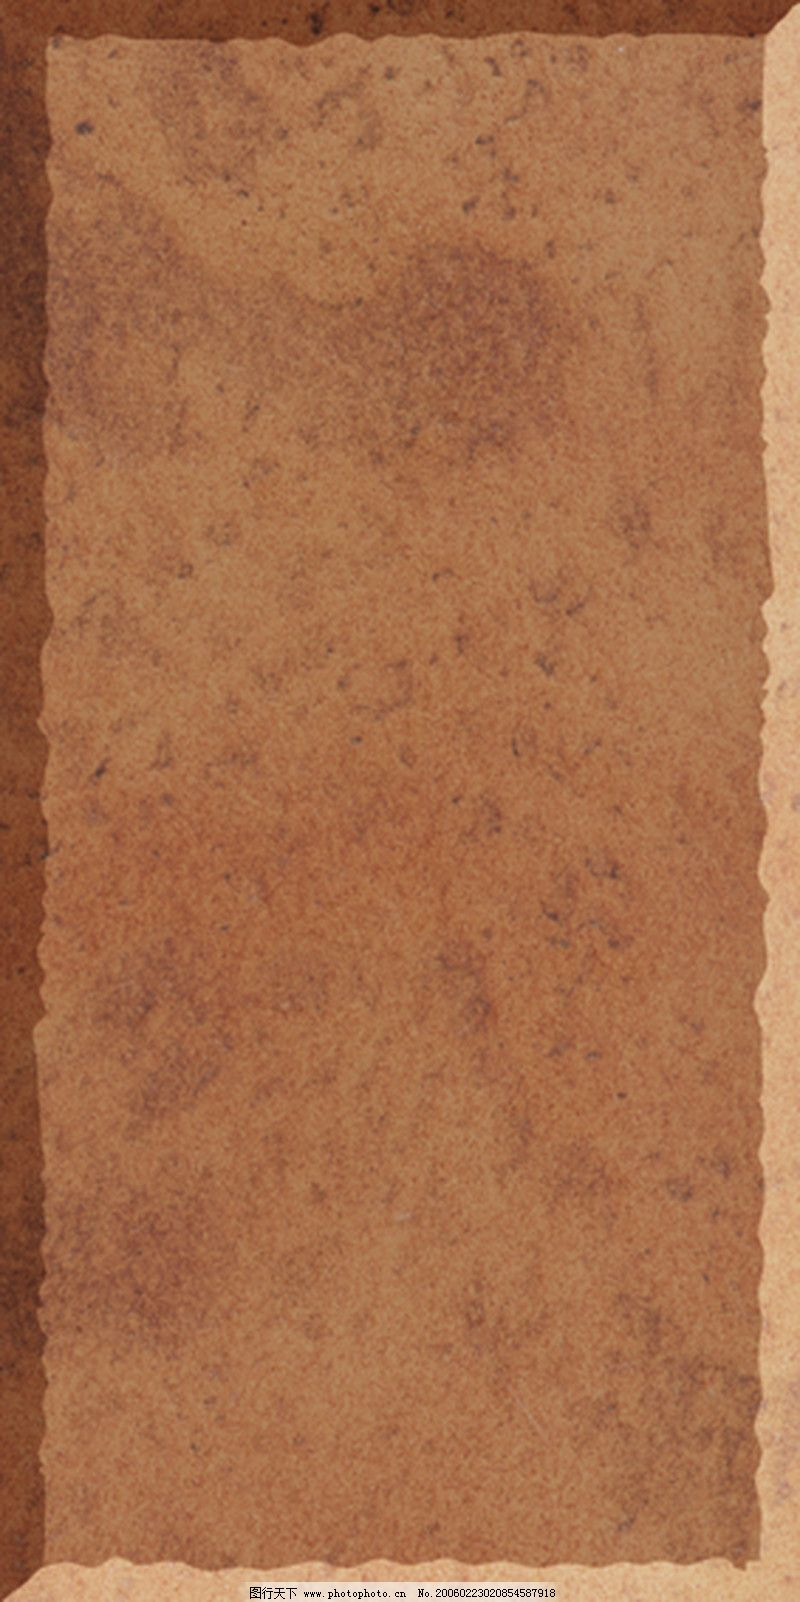 意大利风格瓷砖0153 欧洲古典风格图片